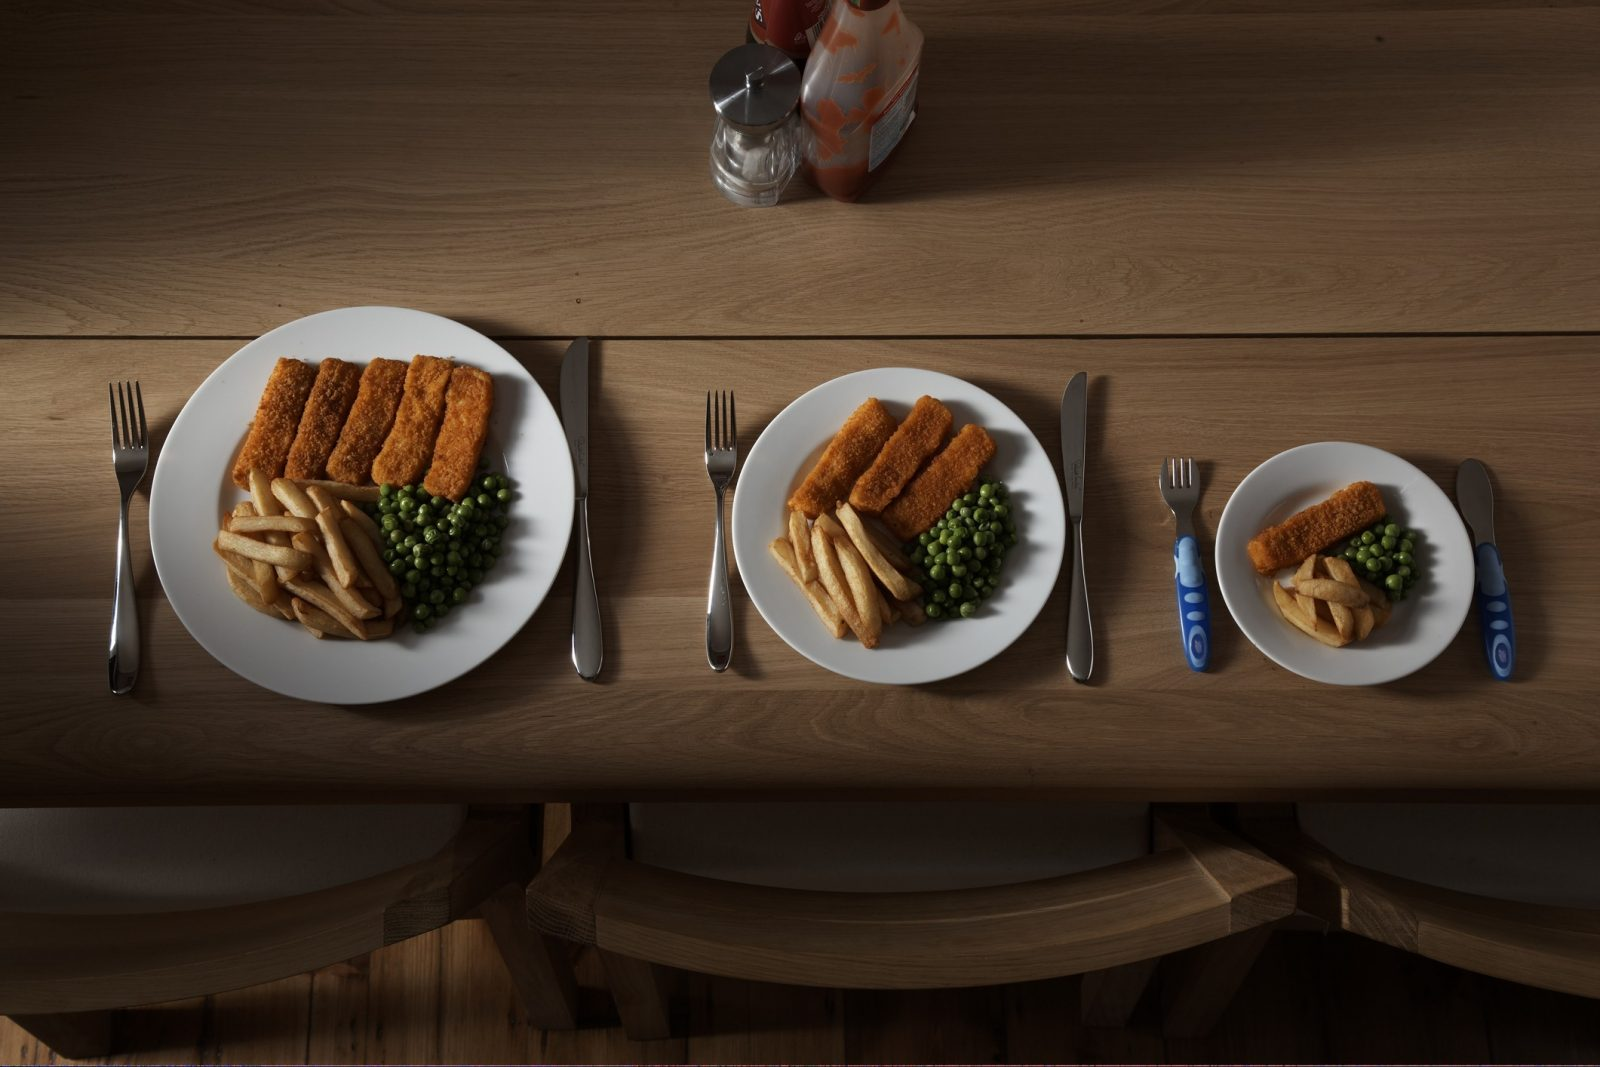 Три различных размера порций пищи на тарелке